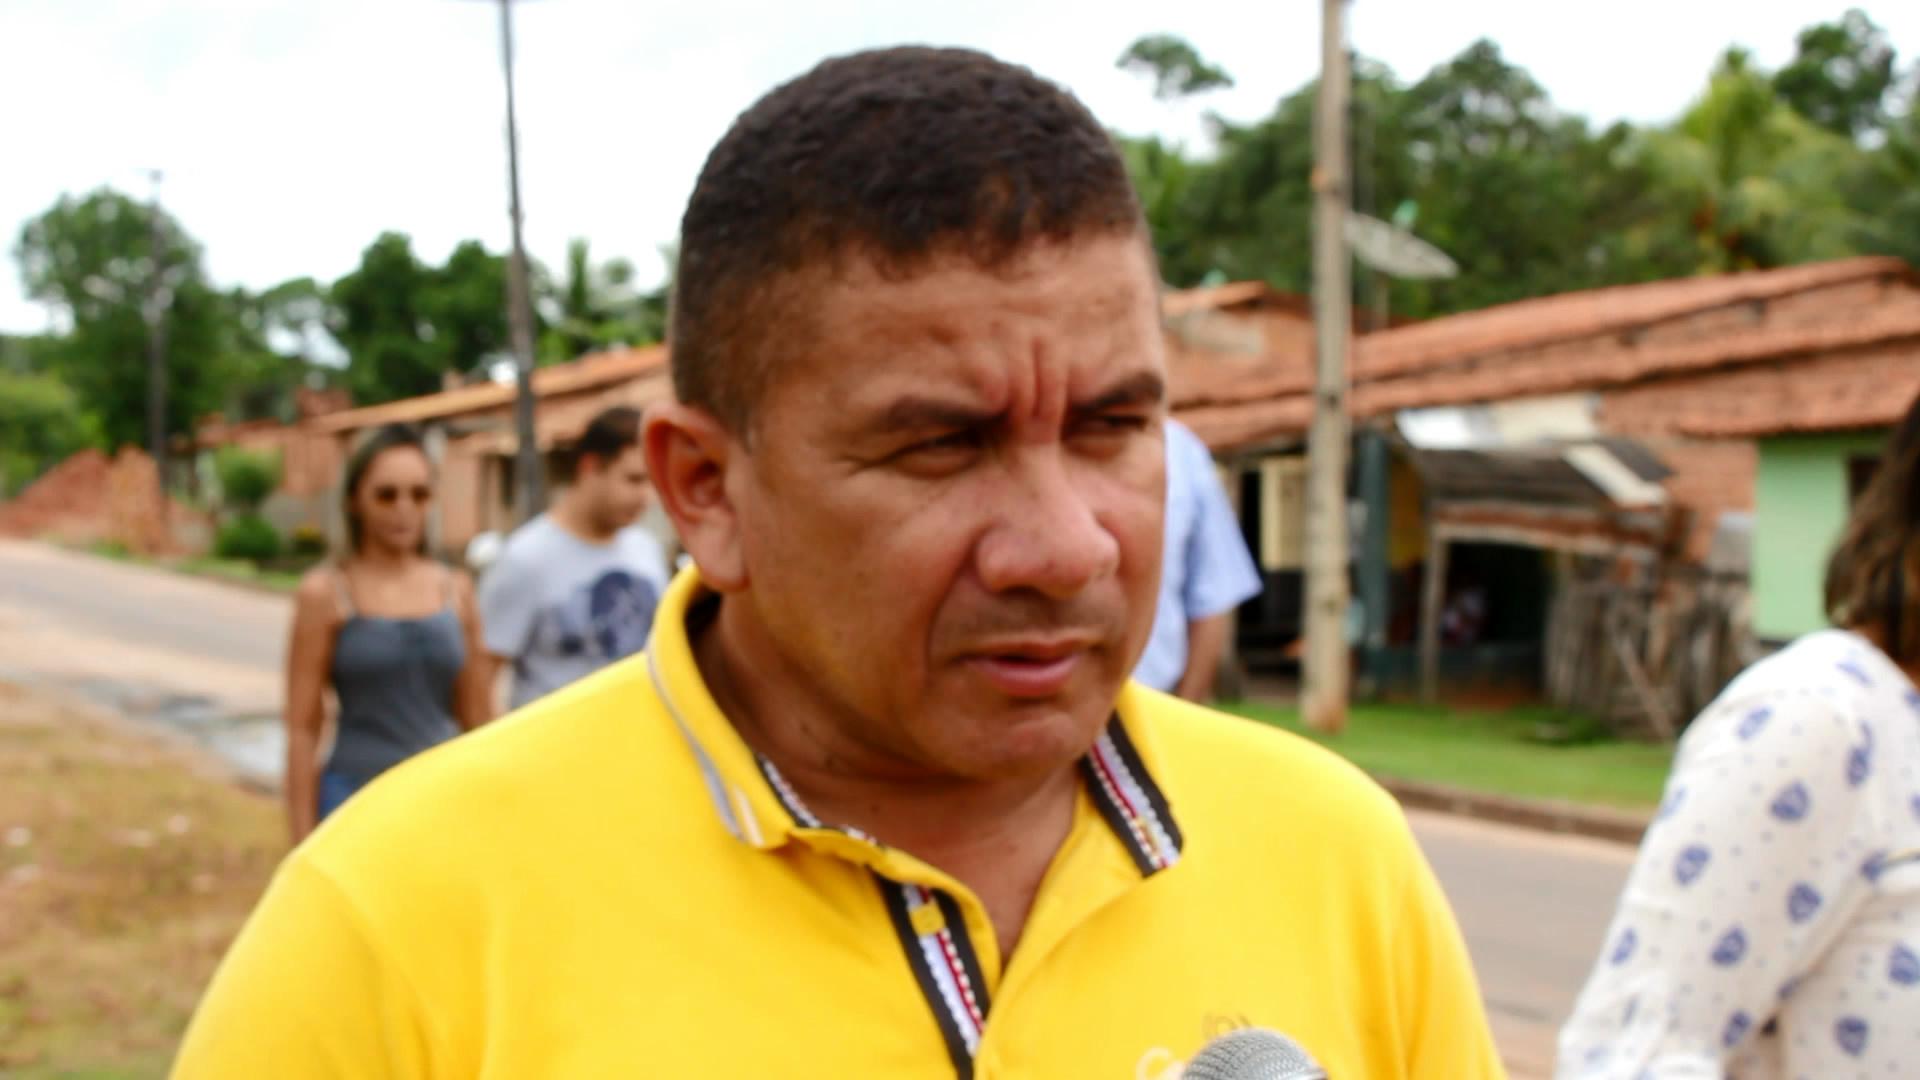 Prefeito Valmir Alves Ricardo pode responder por improbidade administrativa.